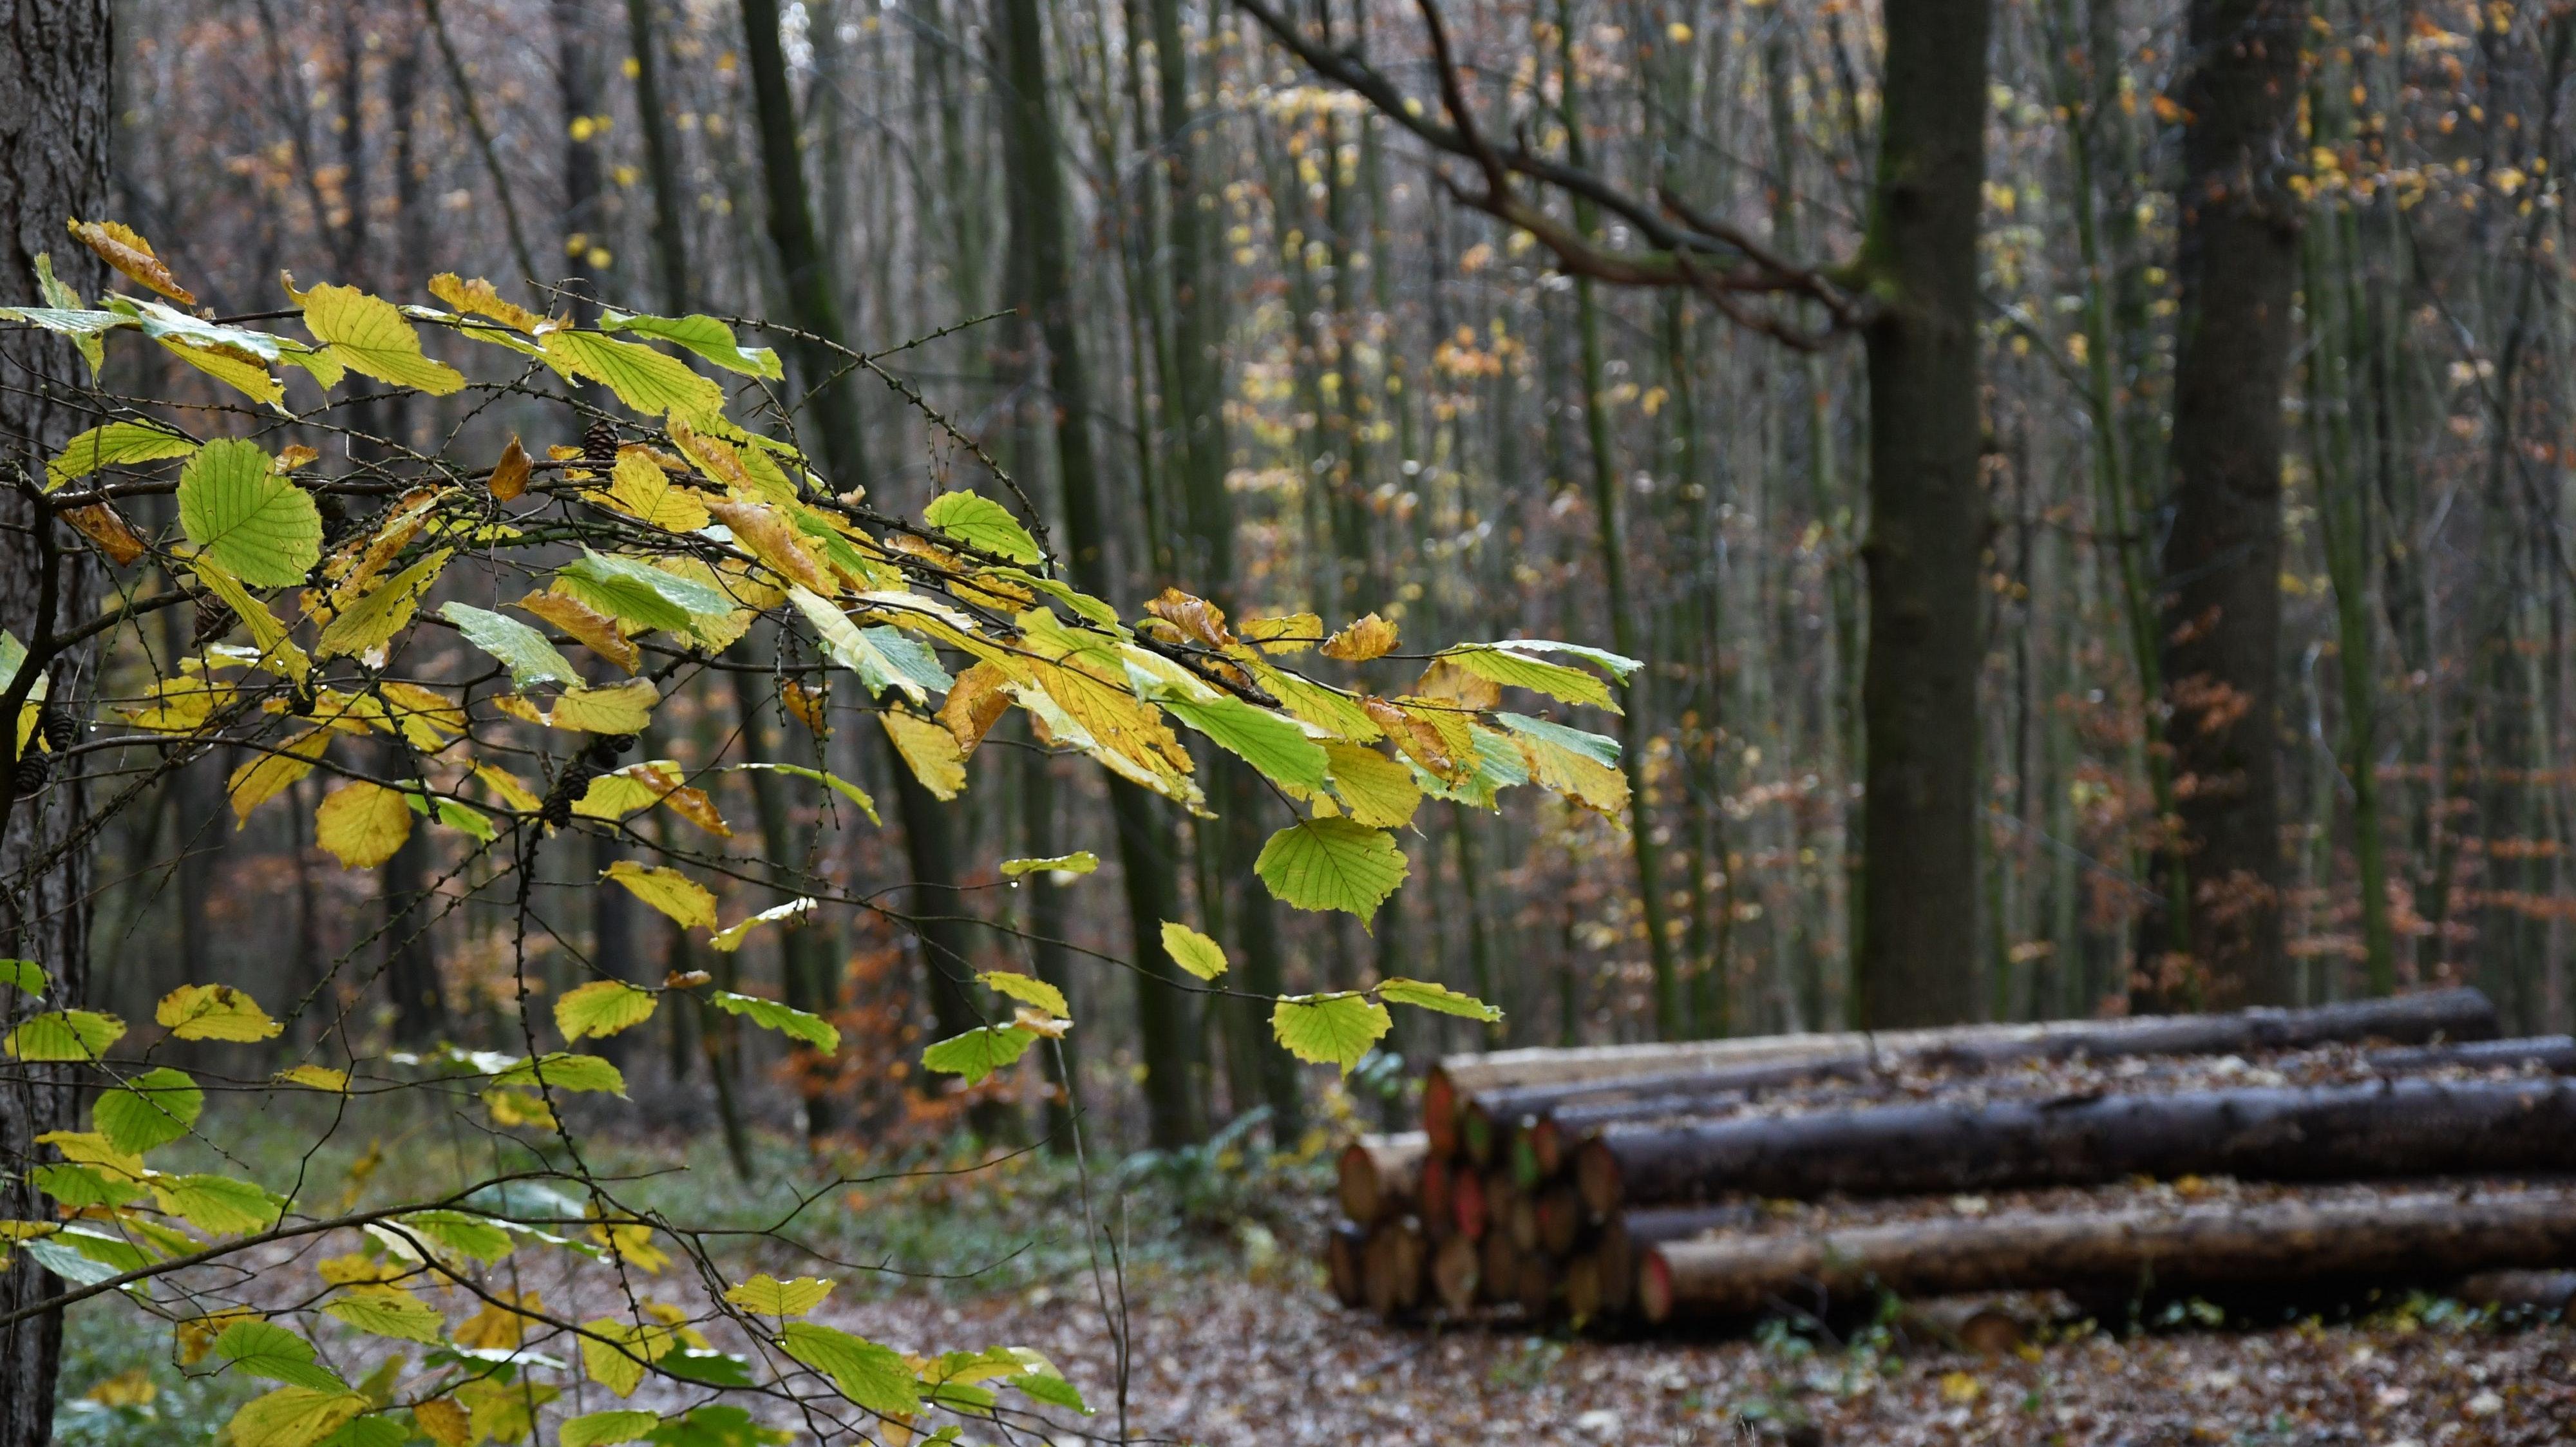 Der letzte Weg  vorerst versperrt: Die Bührener Tannen sind geeignet als Bestattungswald, aber es wird weiter gestritten. Foto: Kreke